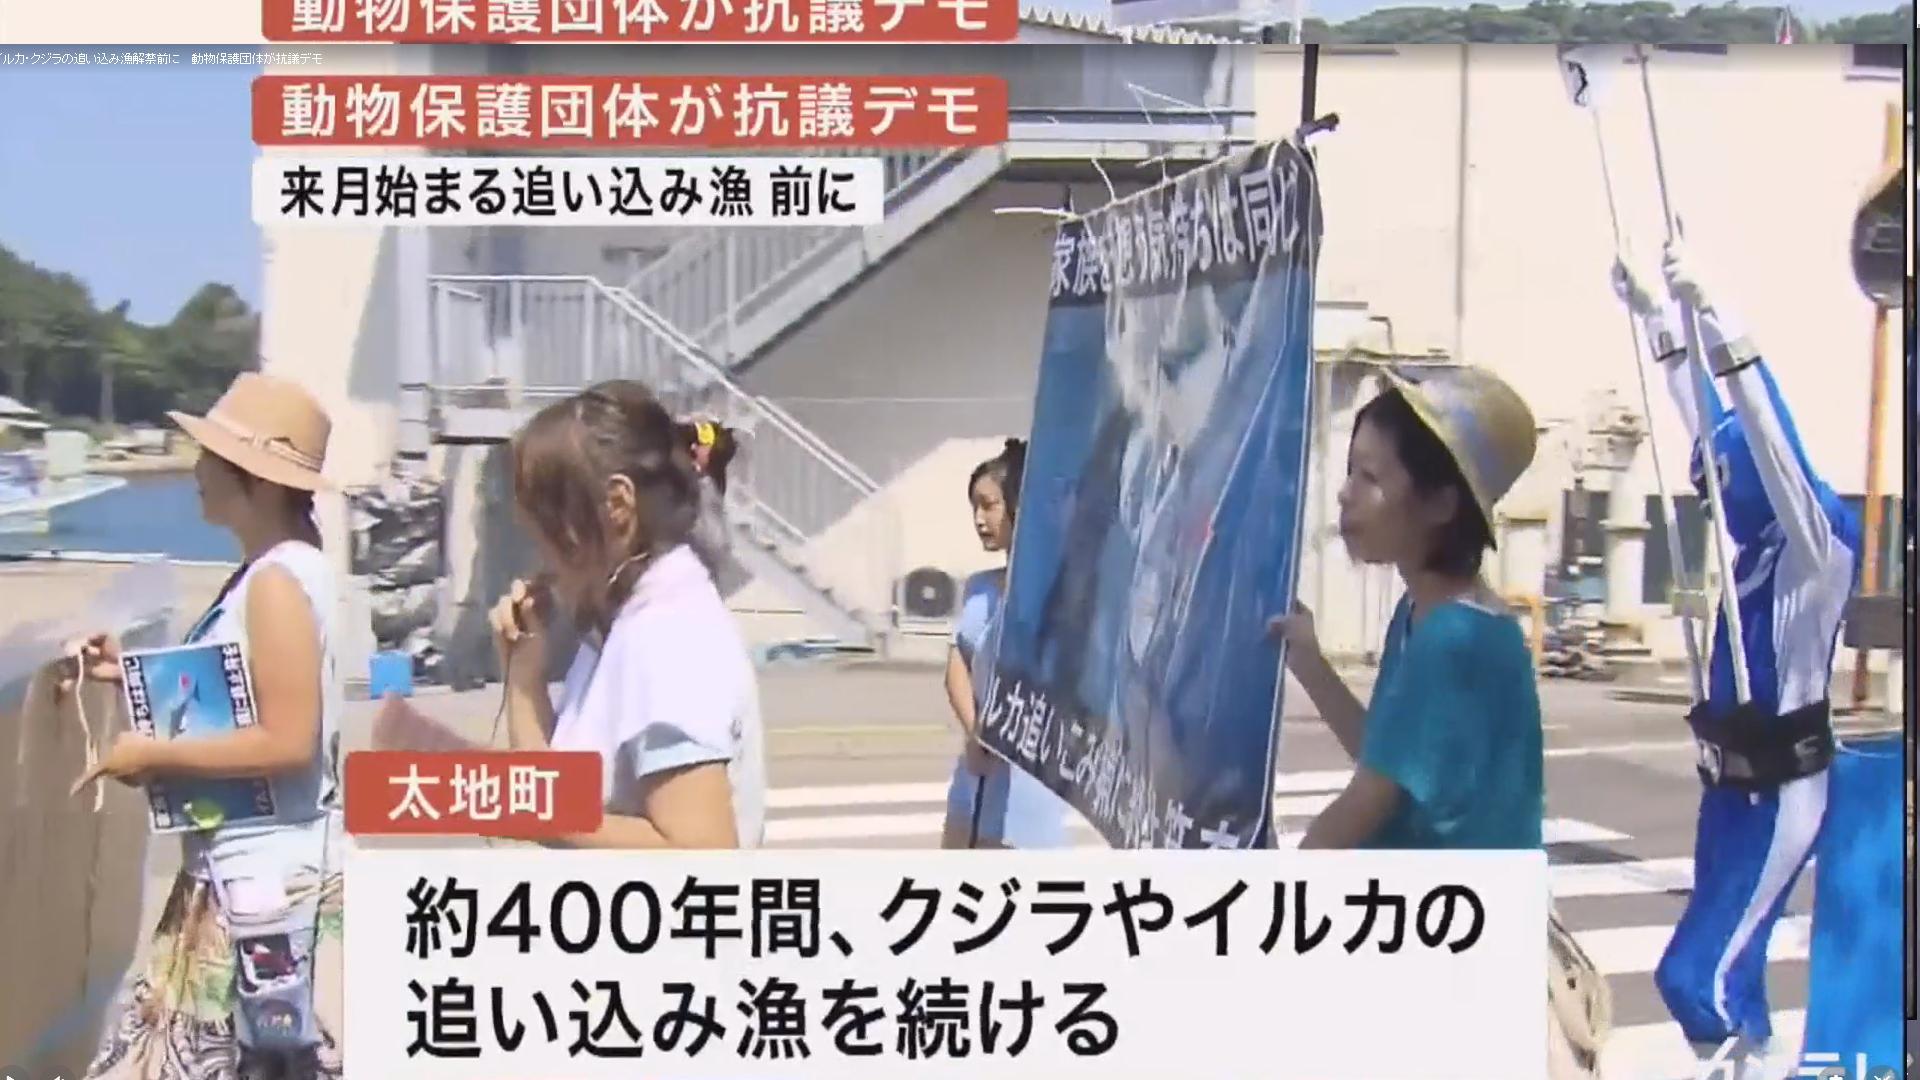 taijidemokansaiTV5.jpg